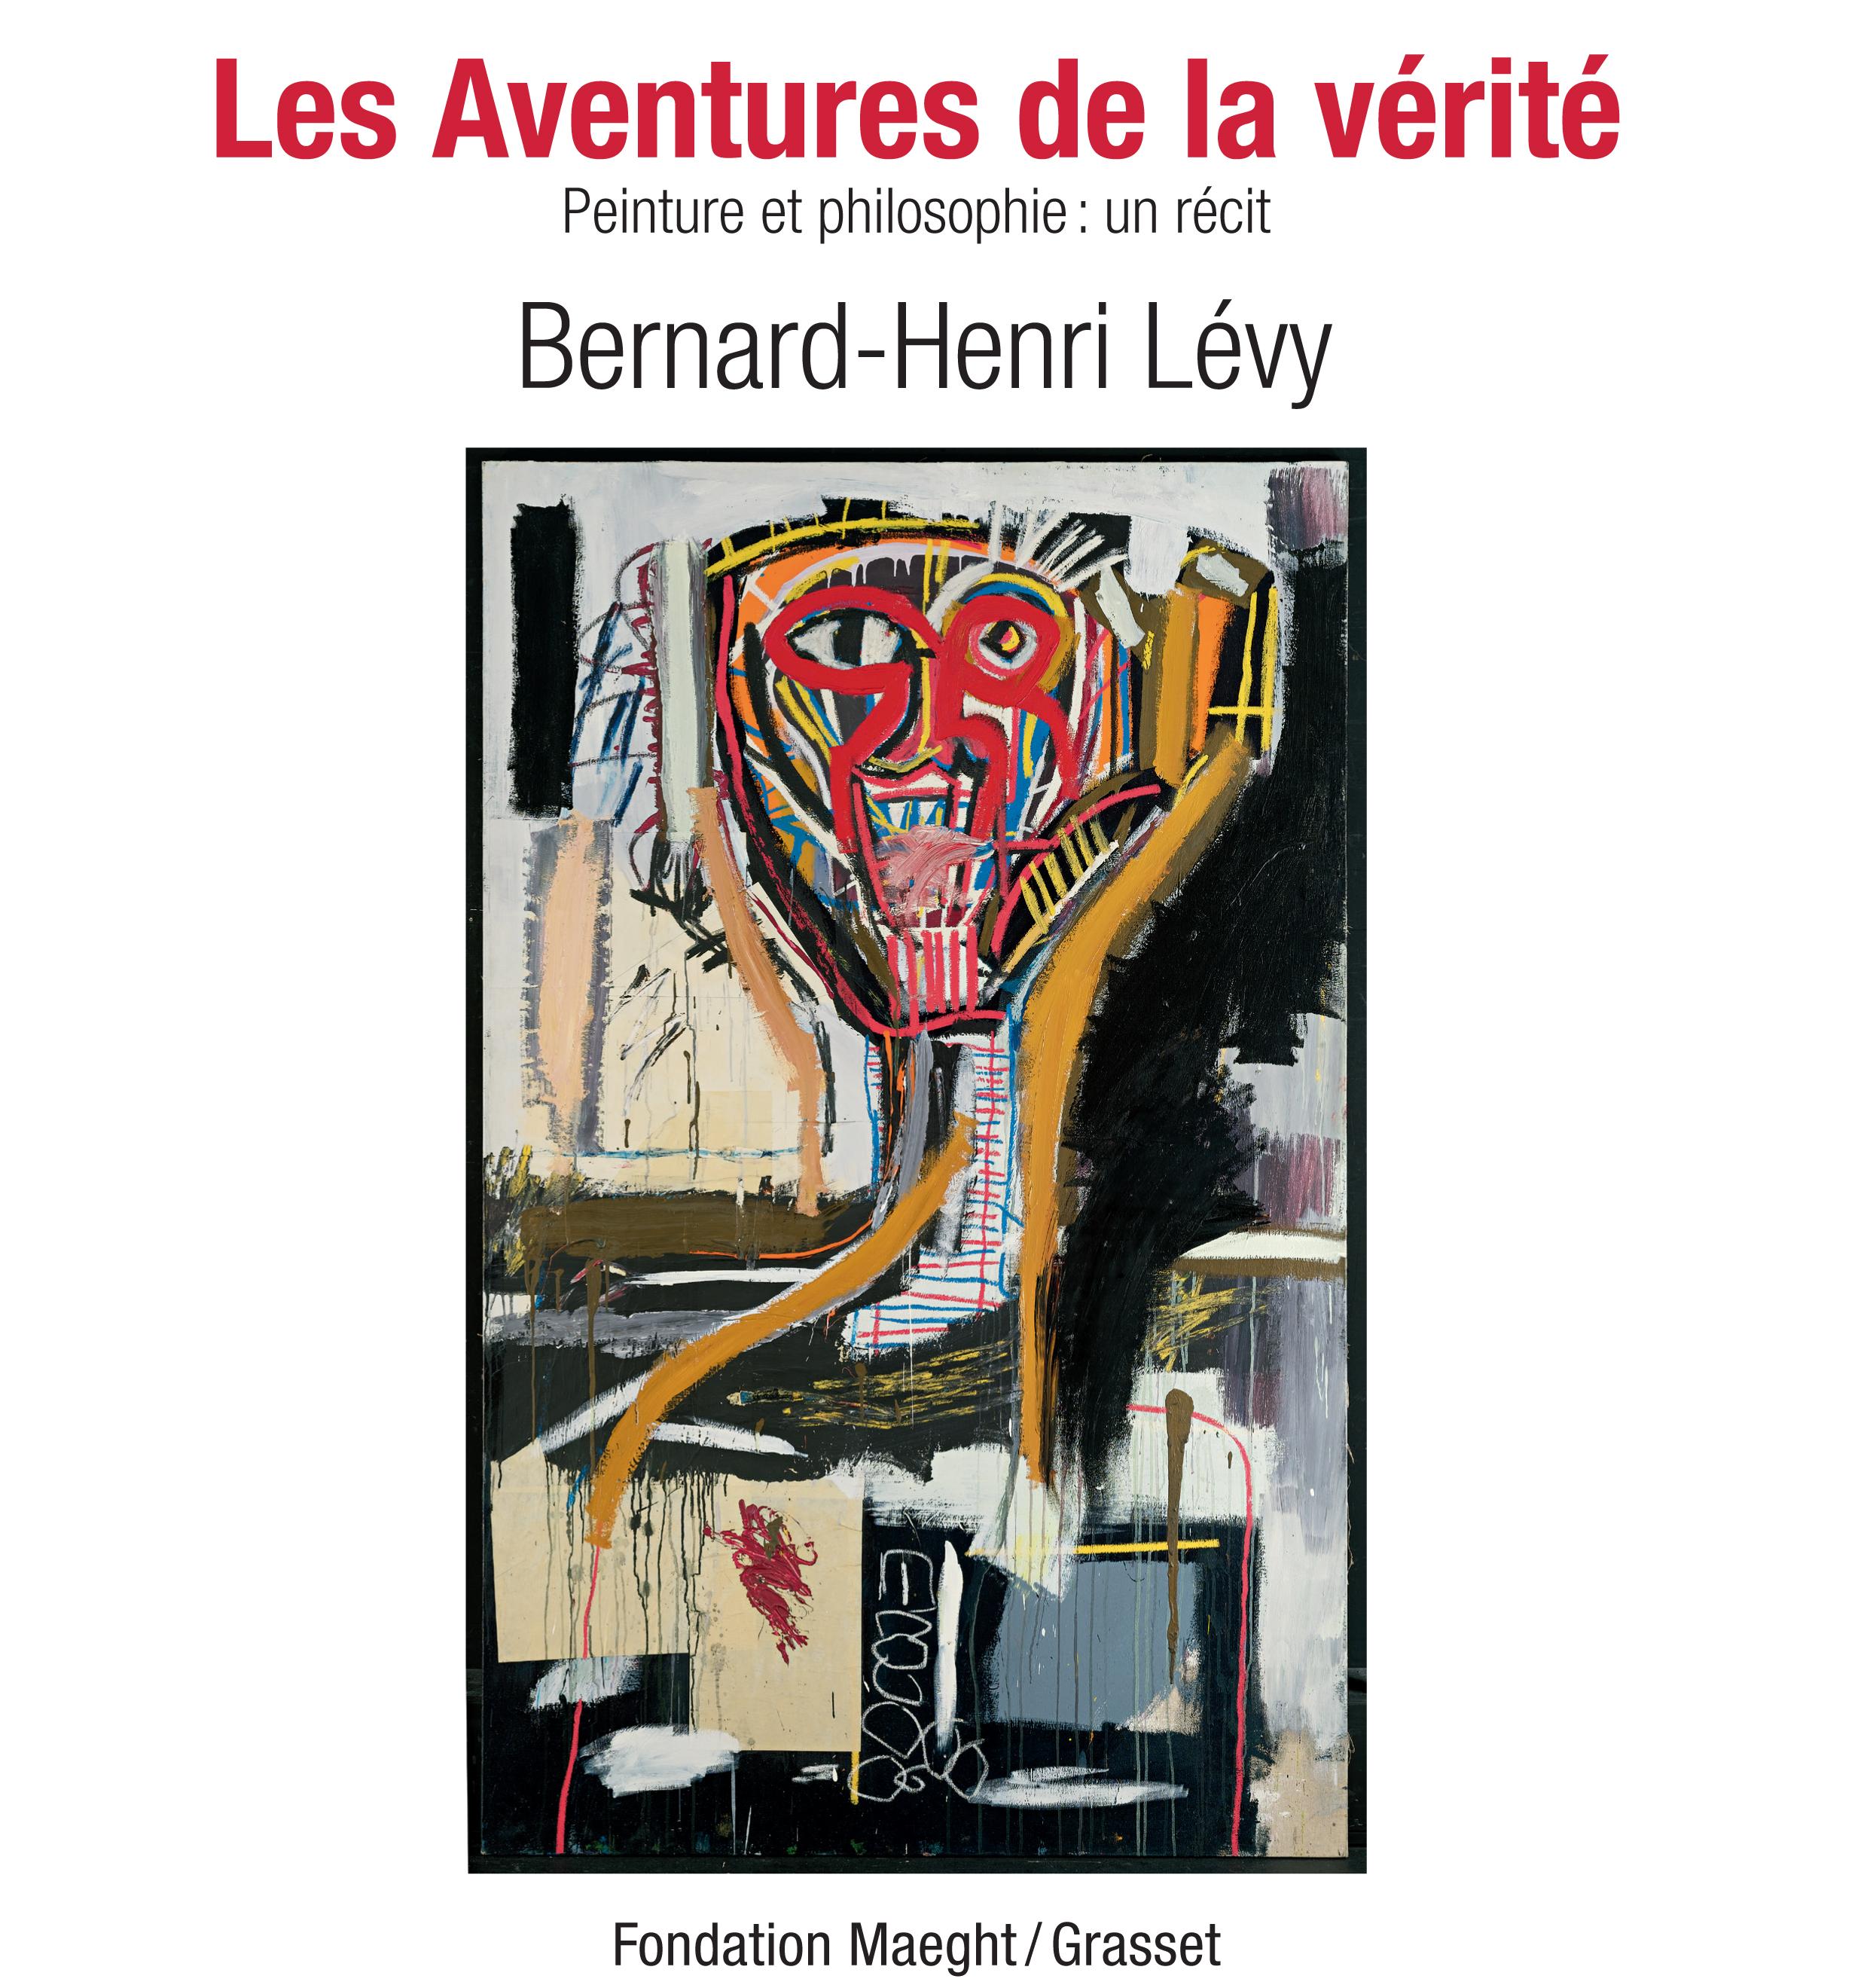 Les Aventures de la vérité : un fil rouge dans art Les-aventures-de-la-verite_bernard-henri-levy